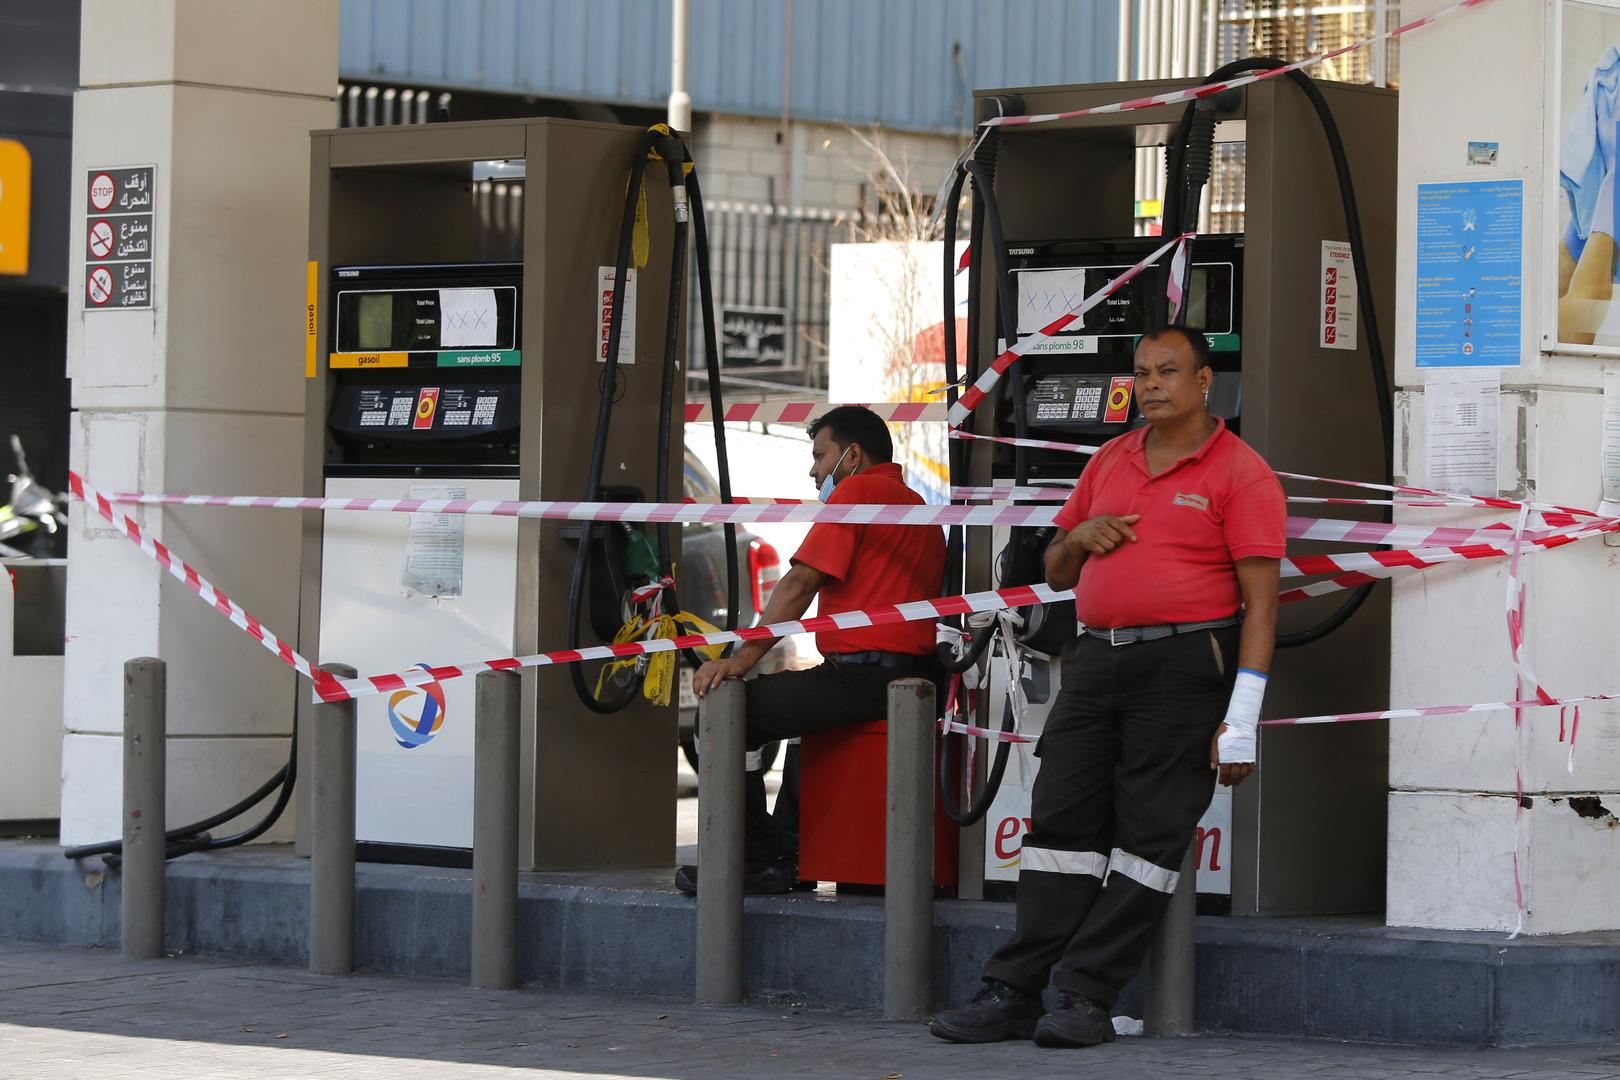 شركة كهرباء لبنان تحذر من انقطاع شامل للكهرباء